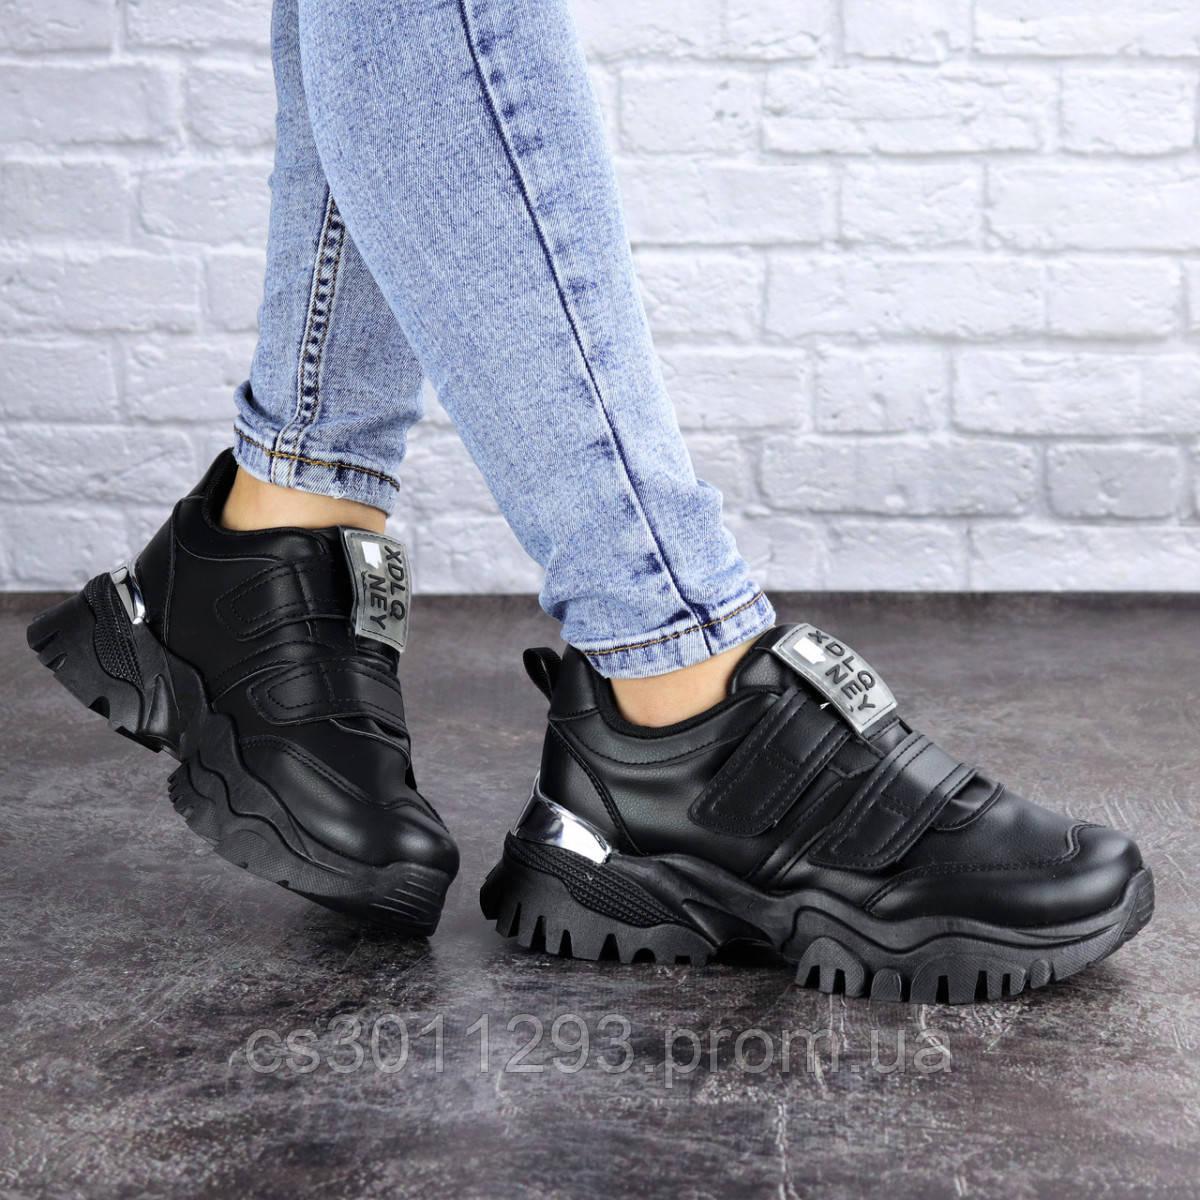 Кроссовки женские Fashion Basey 2128 36 размер 22,5 см Черный